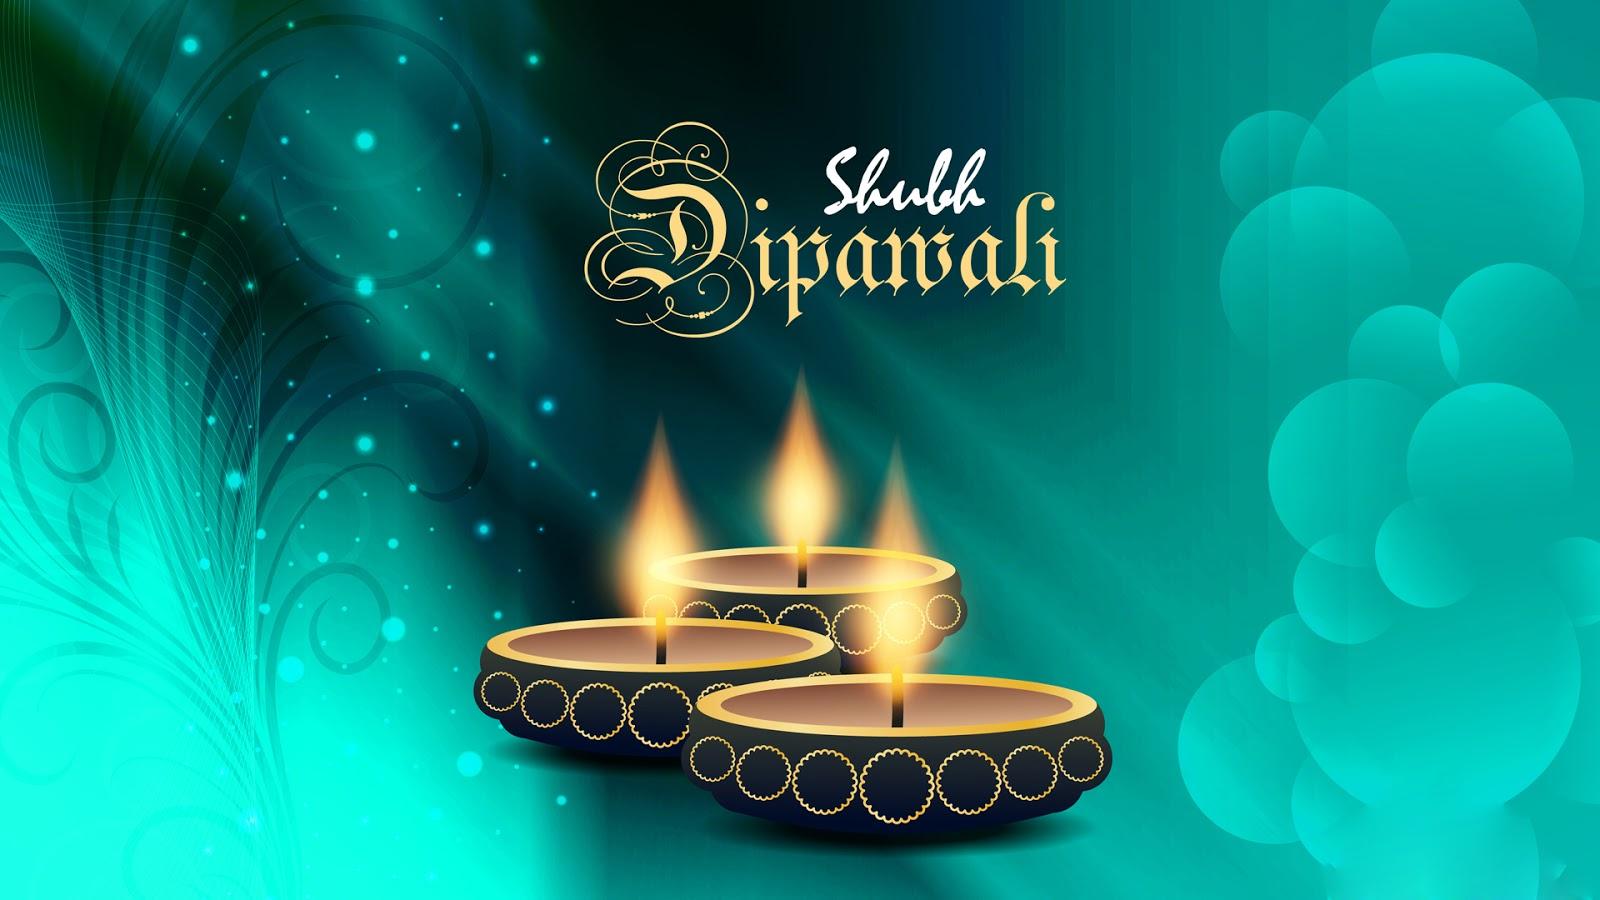 Beautiful Wallpaper Mobile Diwali - 4097af51b6d21cb224f6484b4b78dccd  HD_905145.jpg